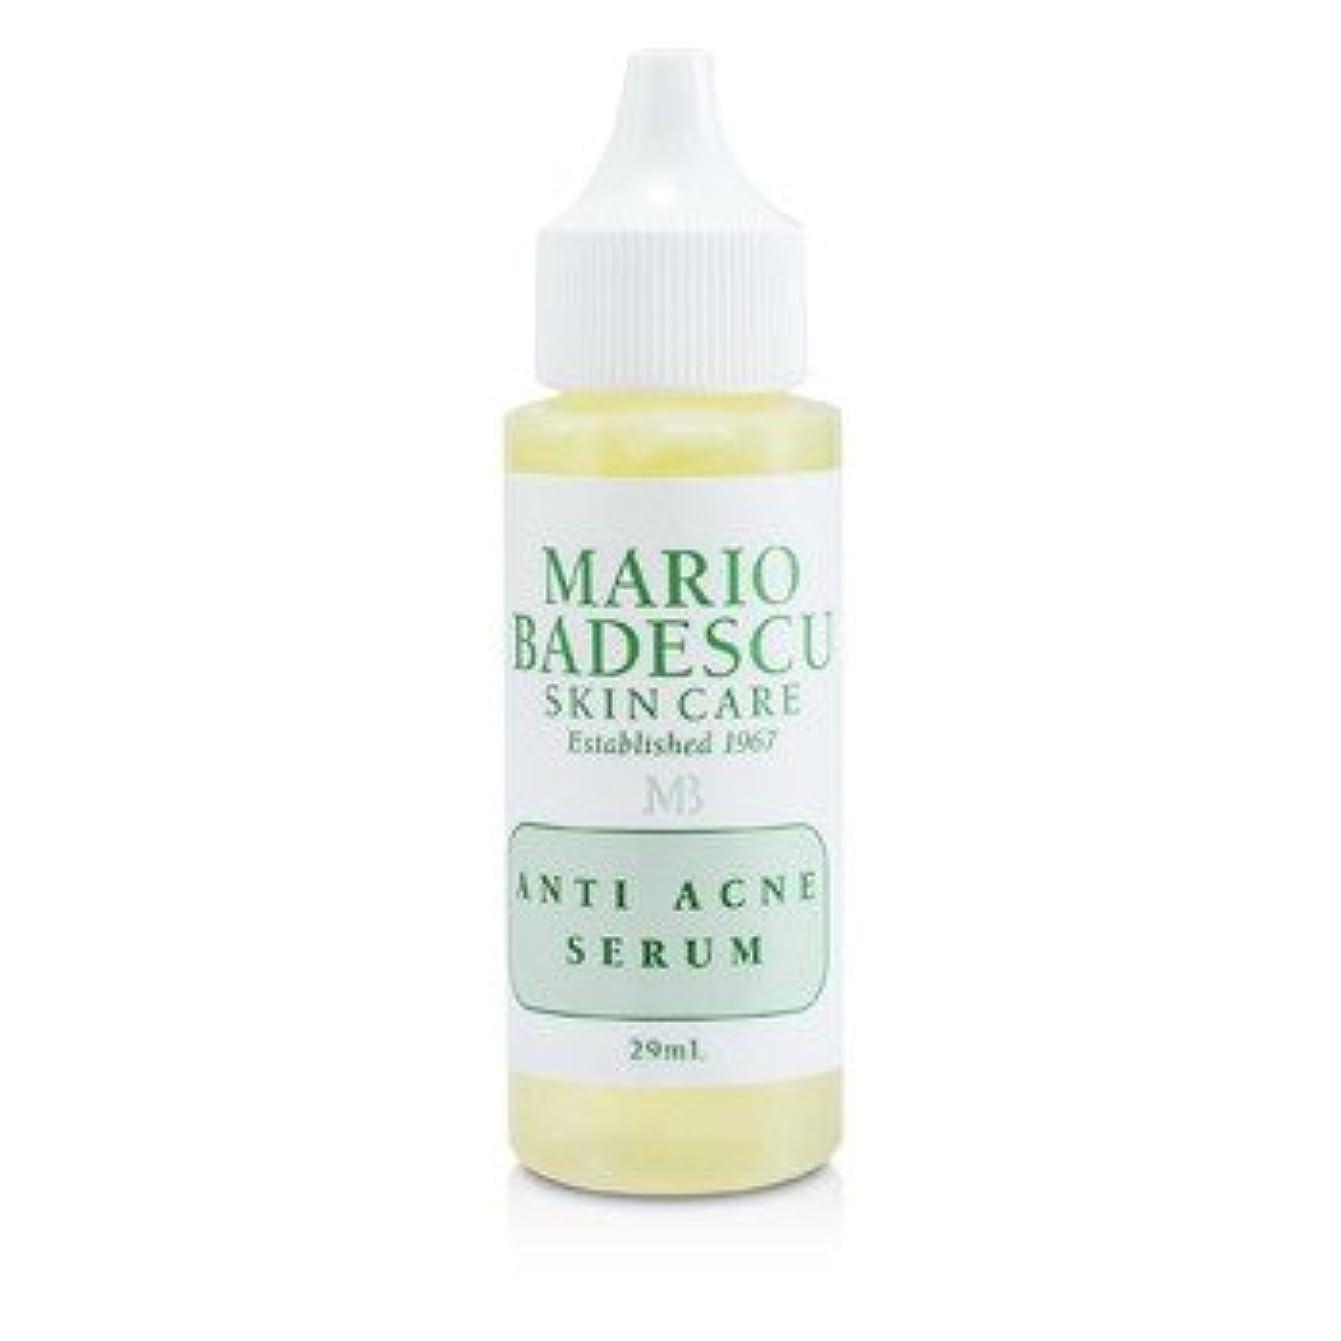 バーガーペインティングティーム[Mario Badescu] Anti-Acne Serum - For Combination/ Oily Skin Types 29ml/1oz